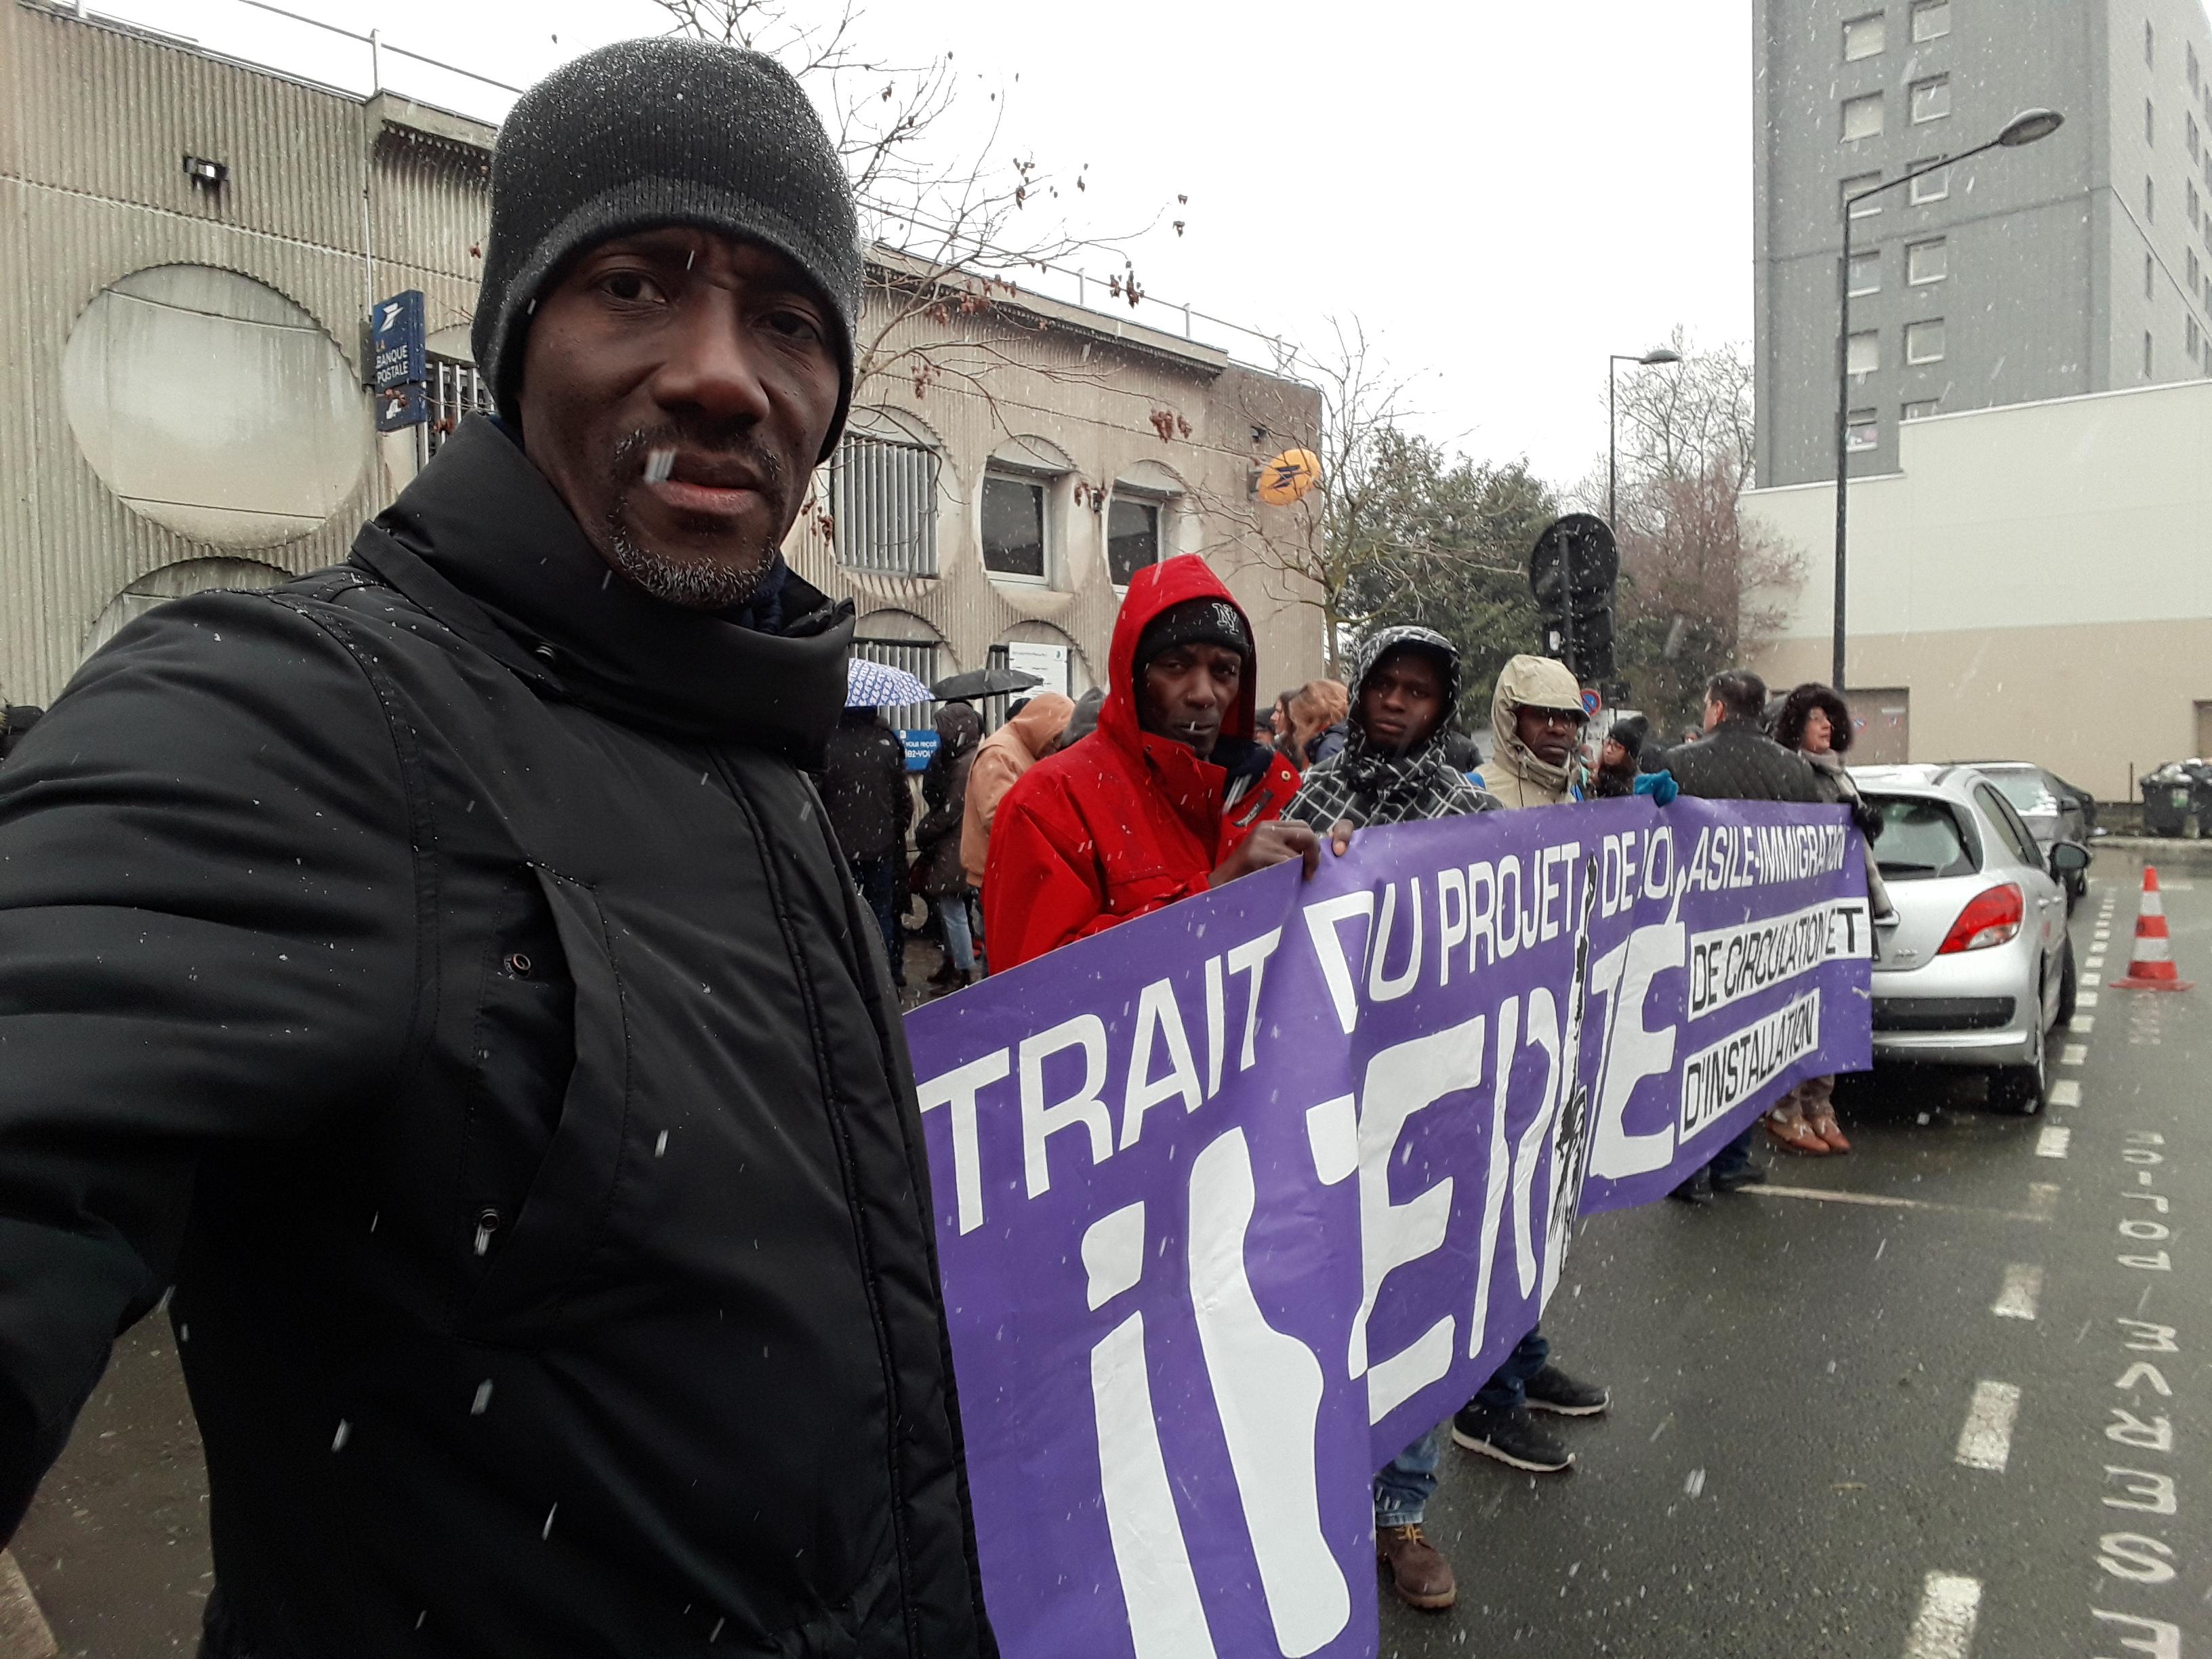 [#Occupation solidaire de la Basilique de Saint-Denis par les sans-papiers et leurs soutiens. Solidaire de cette démarche. Bally BAGAYOKO]